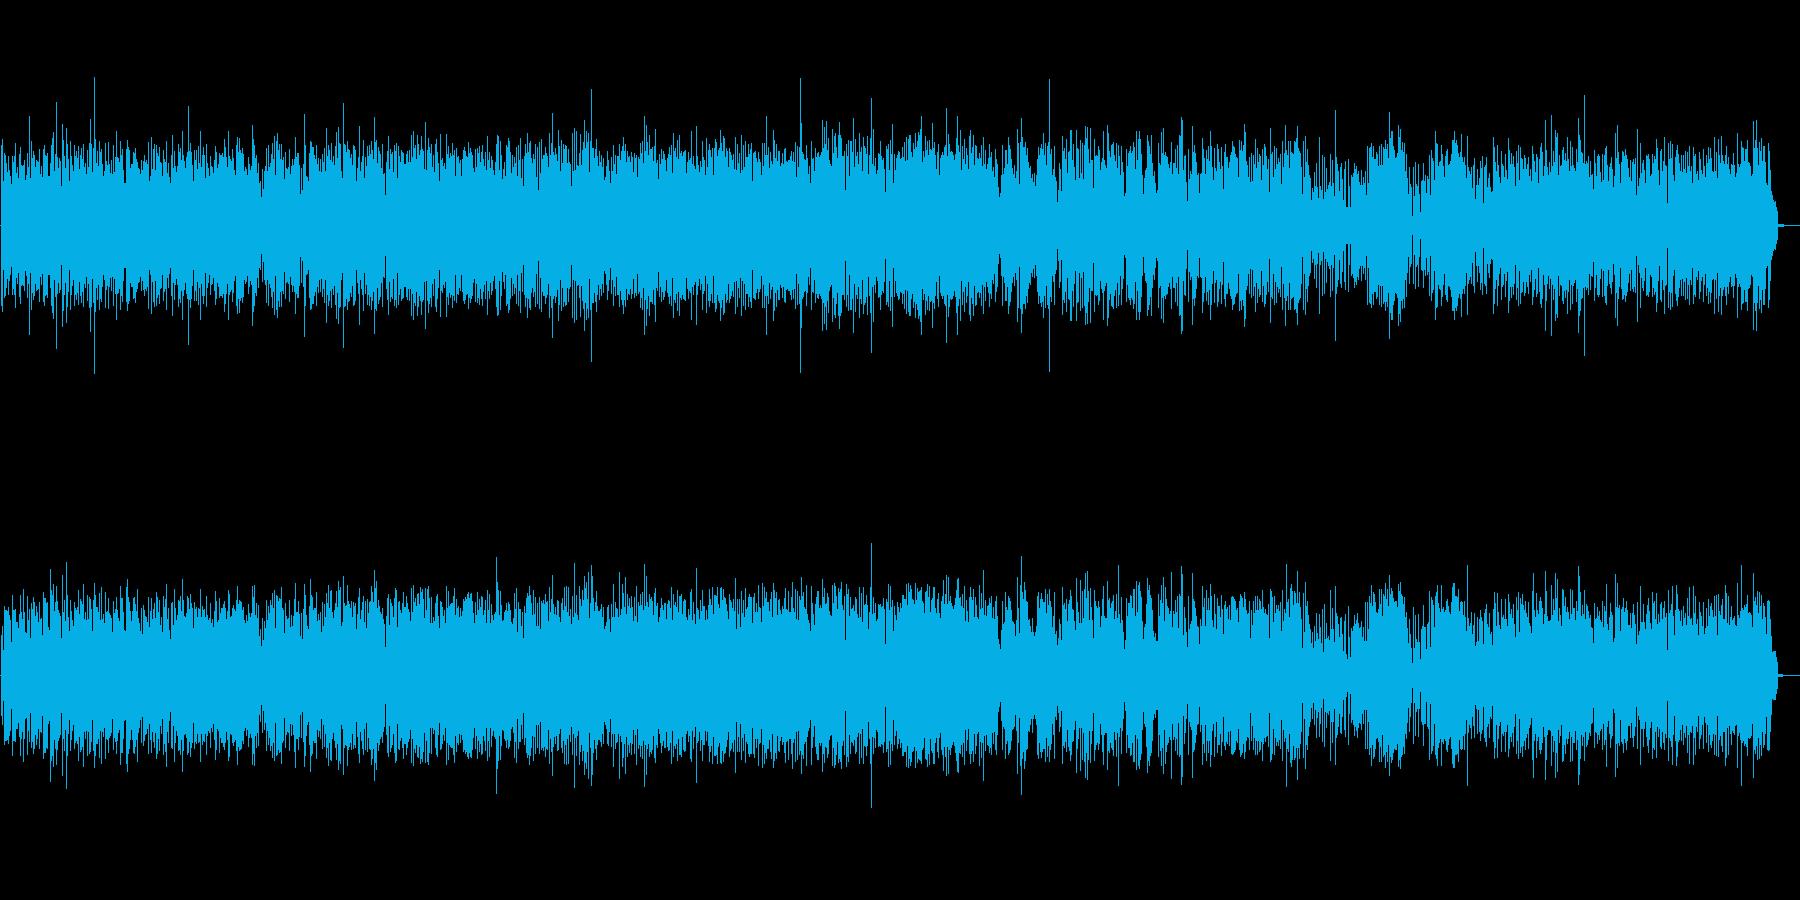 疾走感のあるジャズ ピアノトリオの再生済みの波形